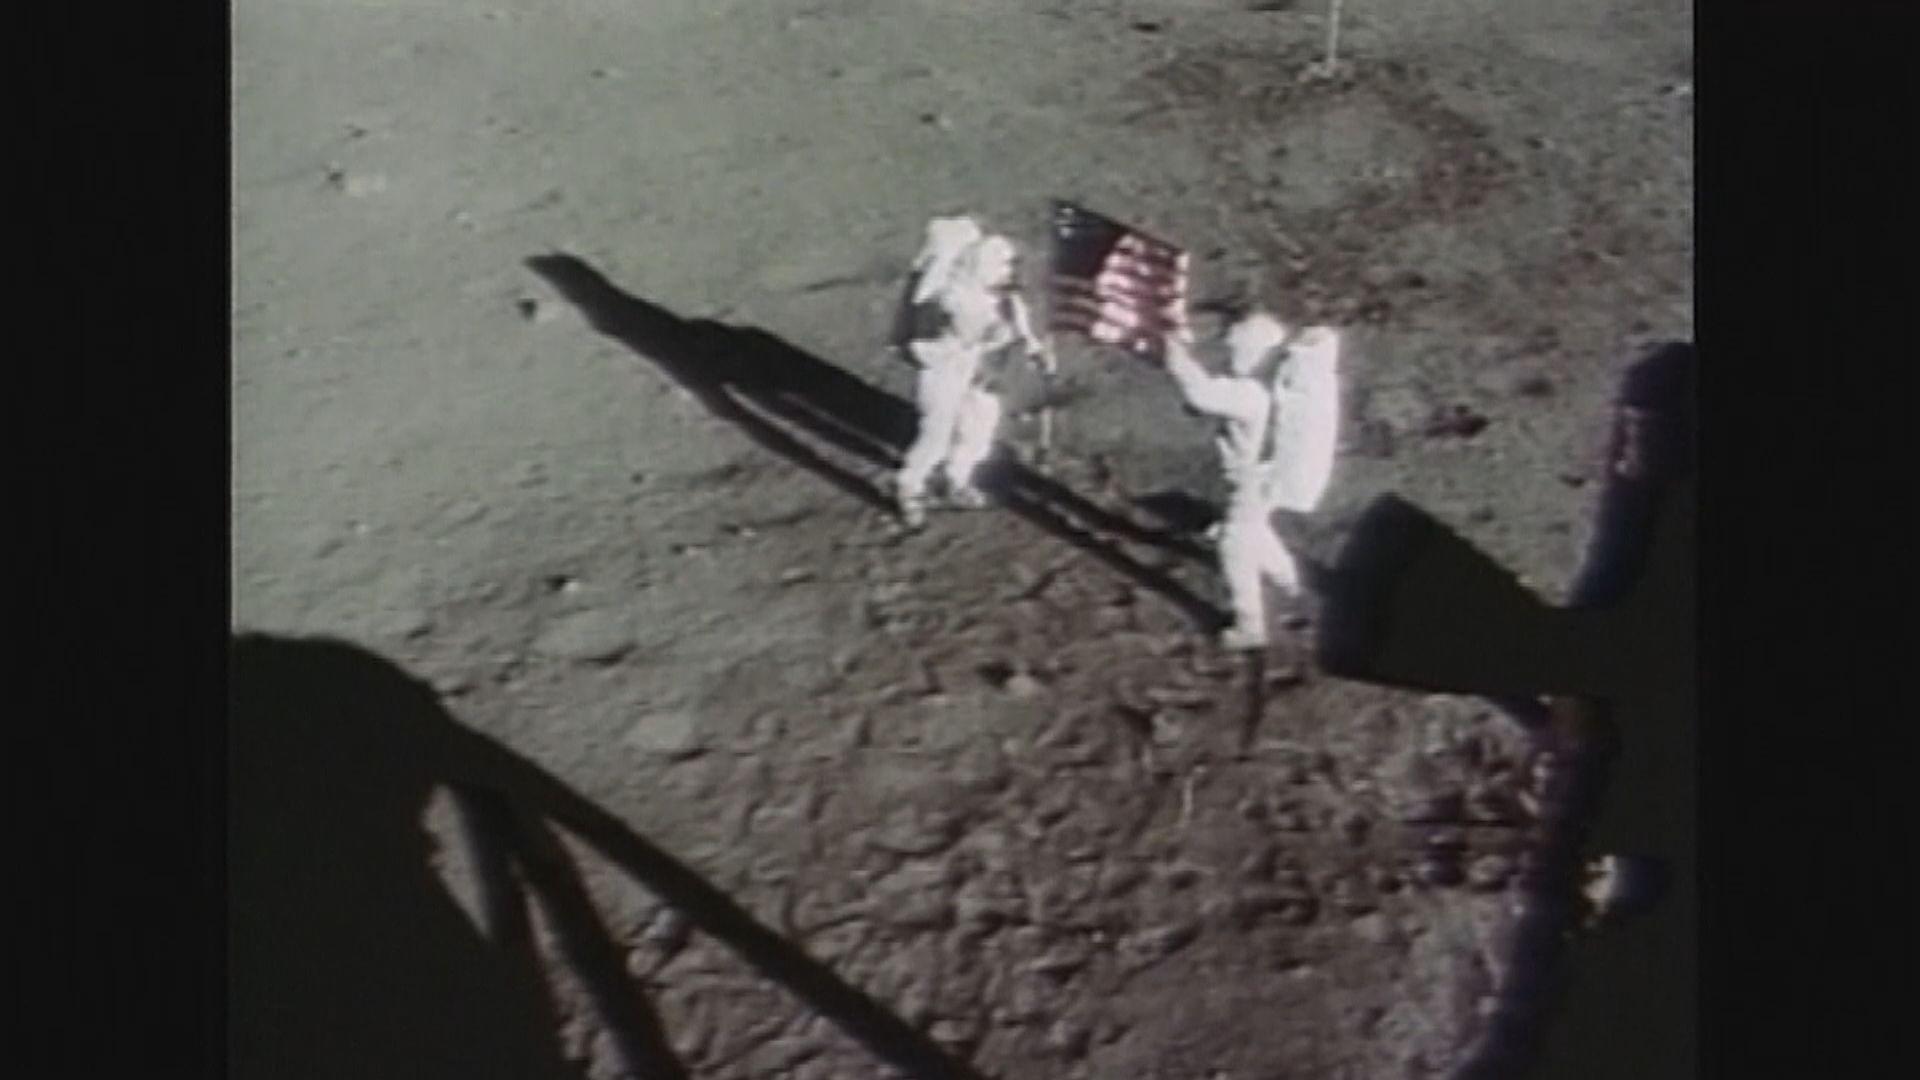 美國擬在月球基地附近設安全區防敵對勢力干擾或破壞